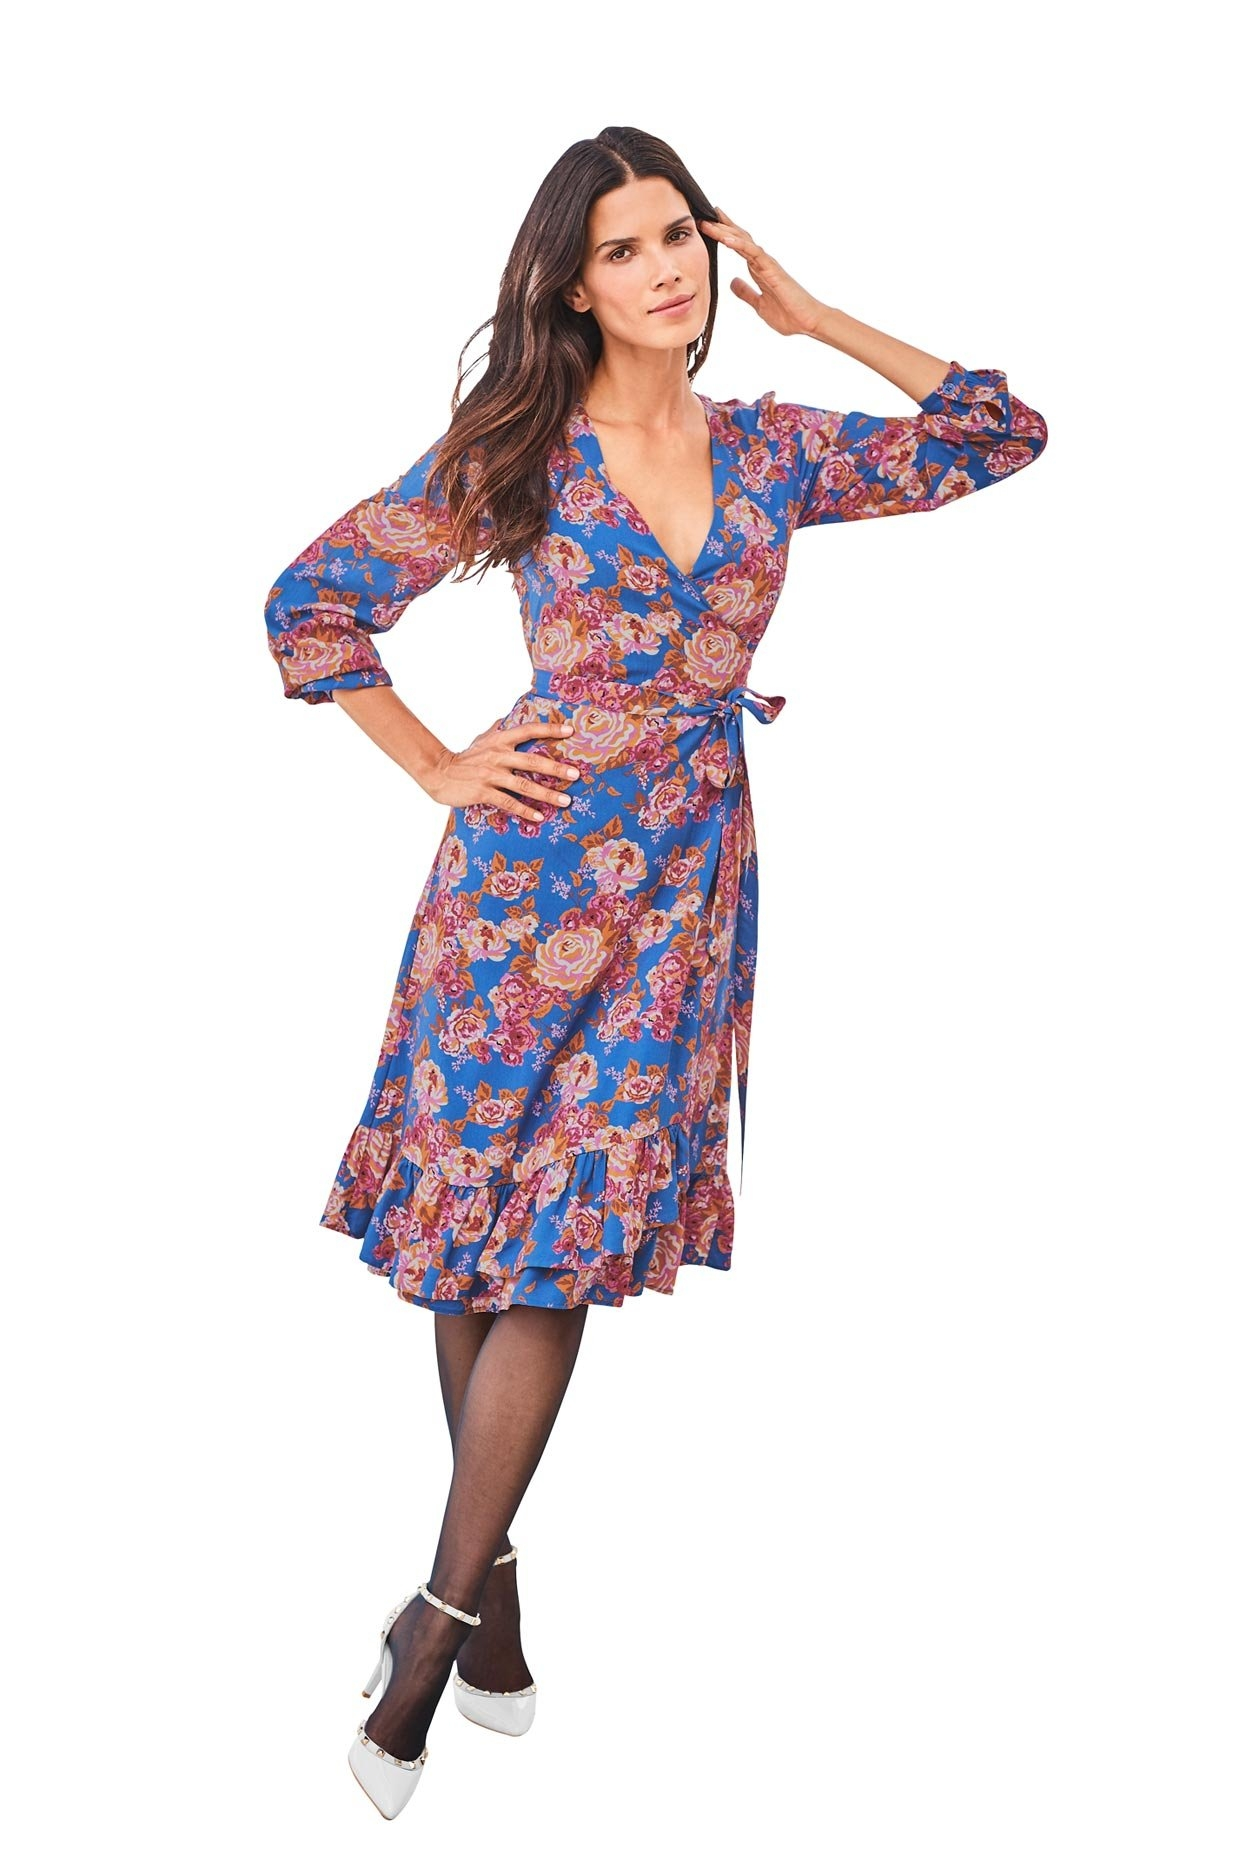 ASHLEY BROOKE by Heine gedessineerde jurk voordelig en veilig online kopen